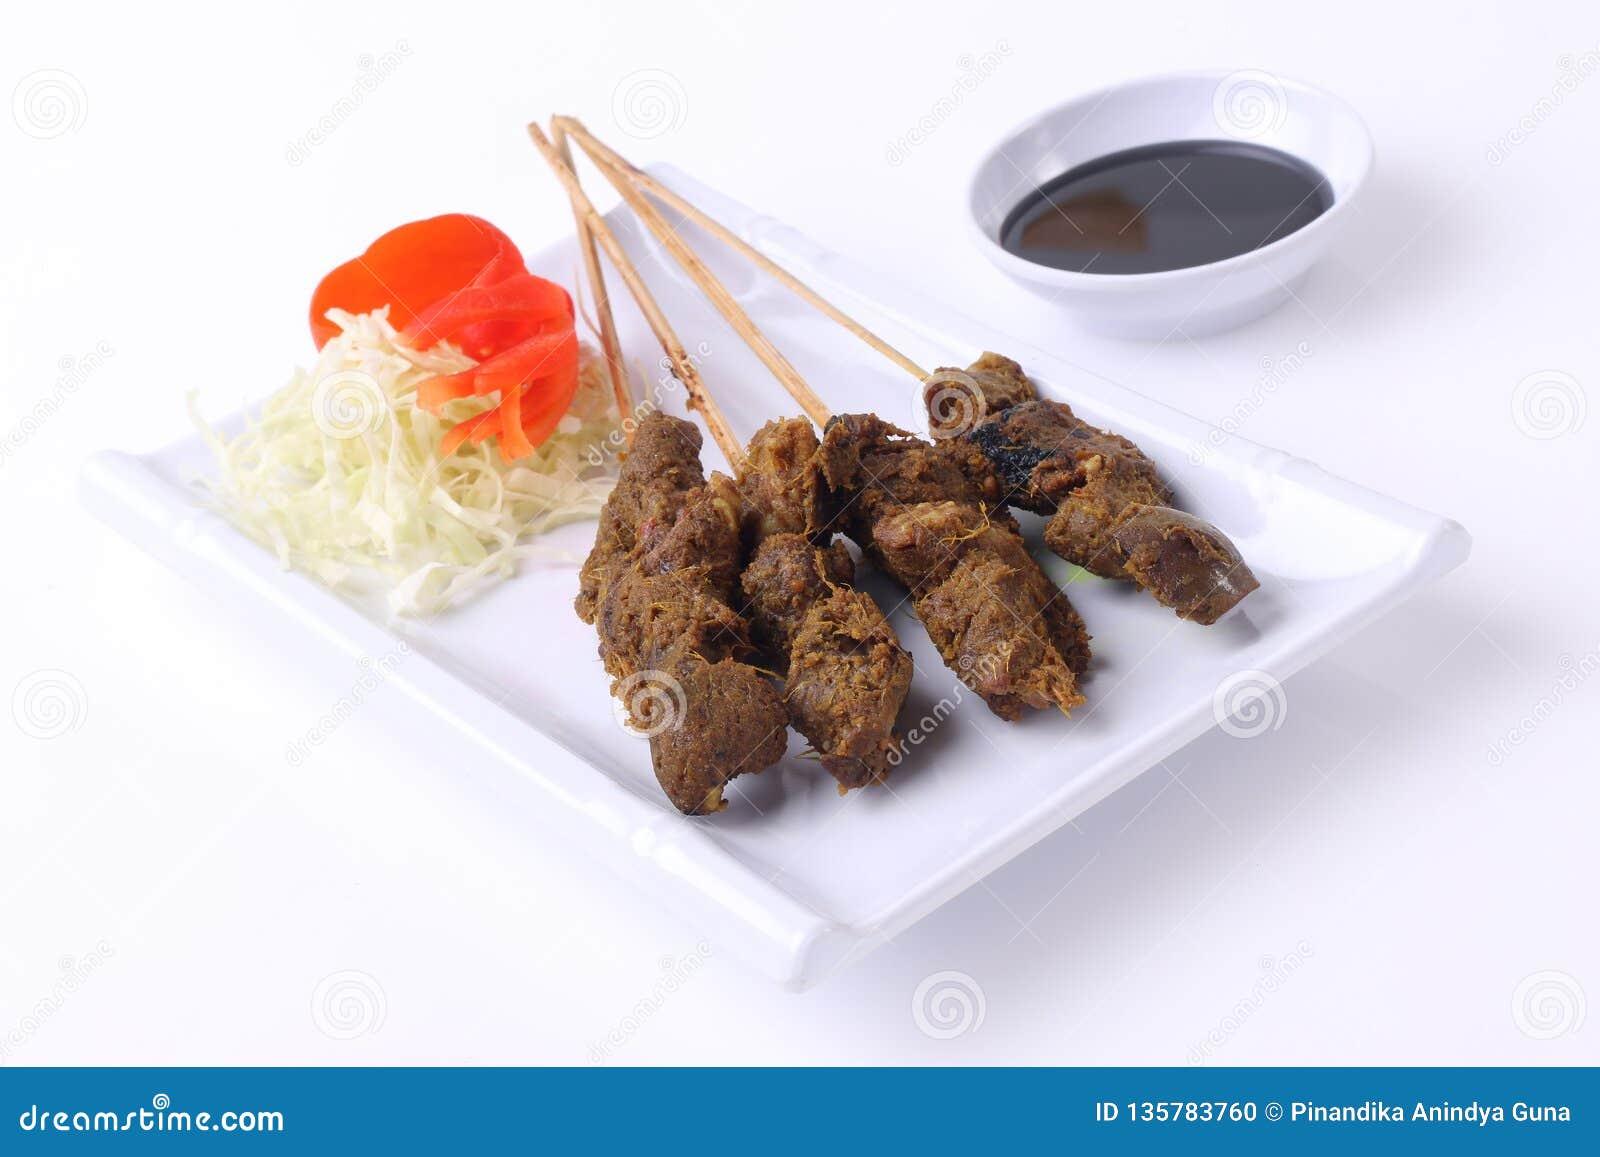 Satay Indonesia food on white plate